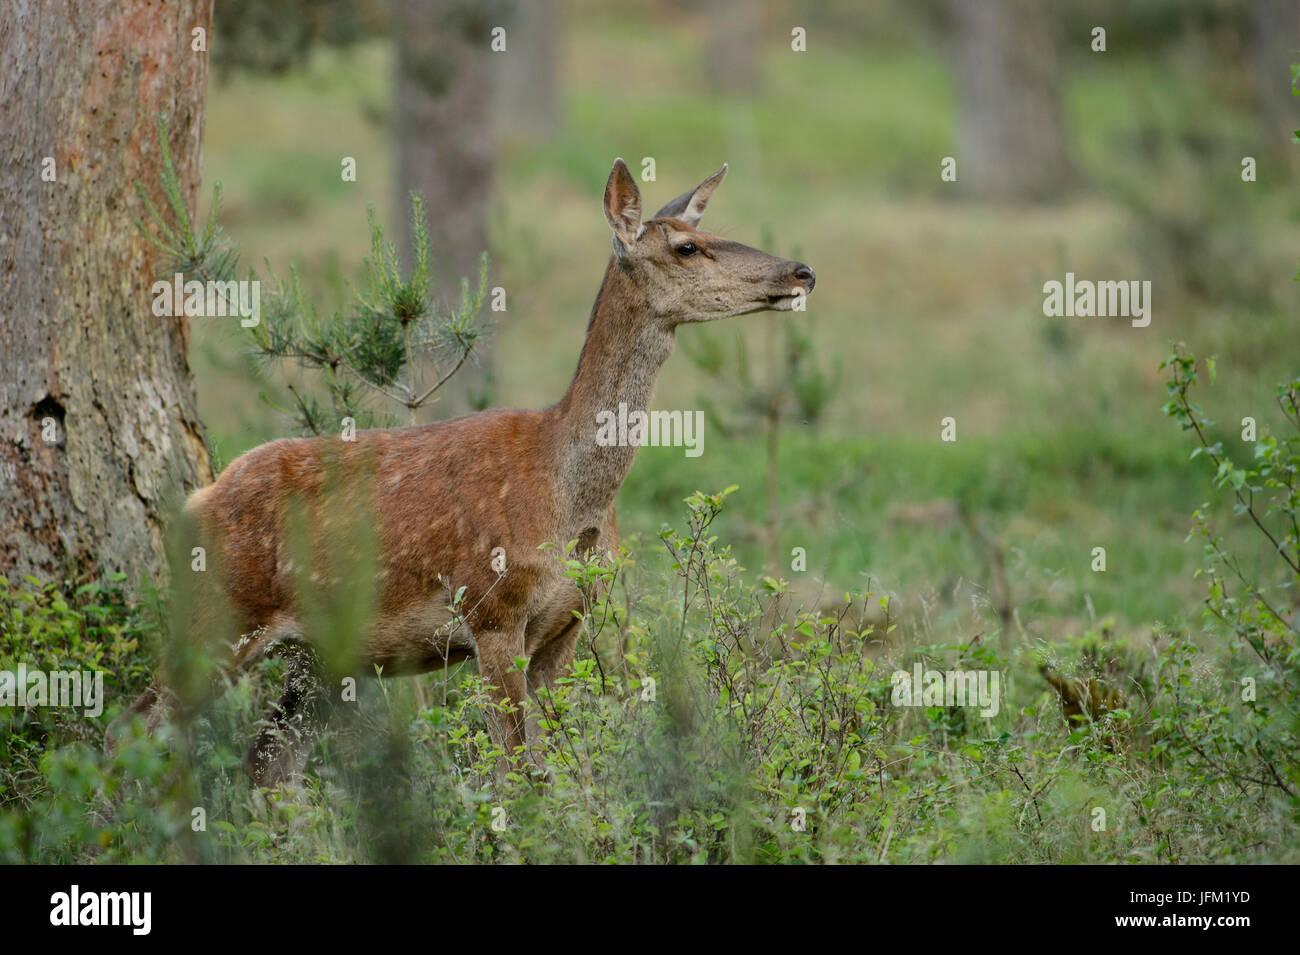 Red Deer Hind in der Luft riechen. Nationalpark Hoge Veluwe, Niederlande Stockbild